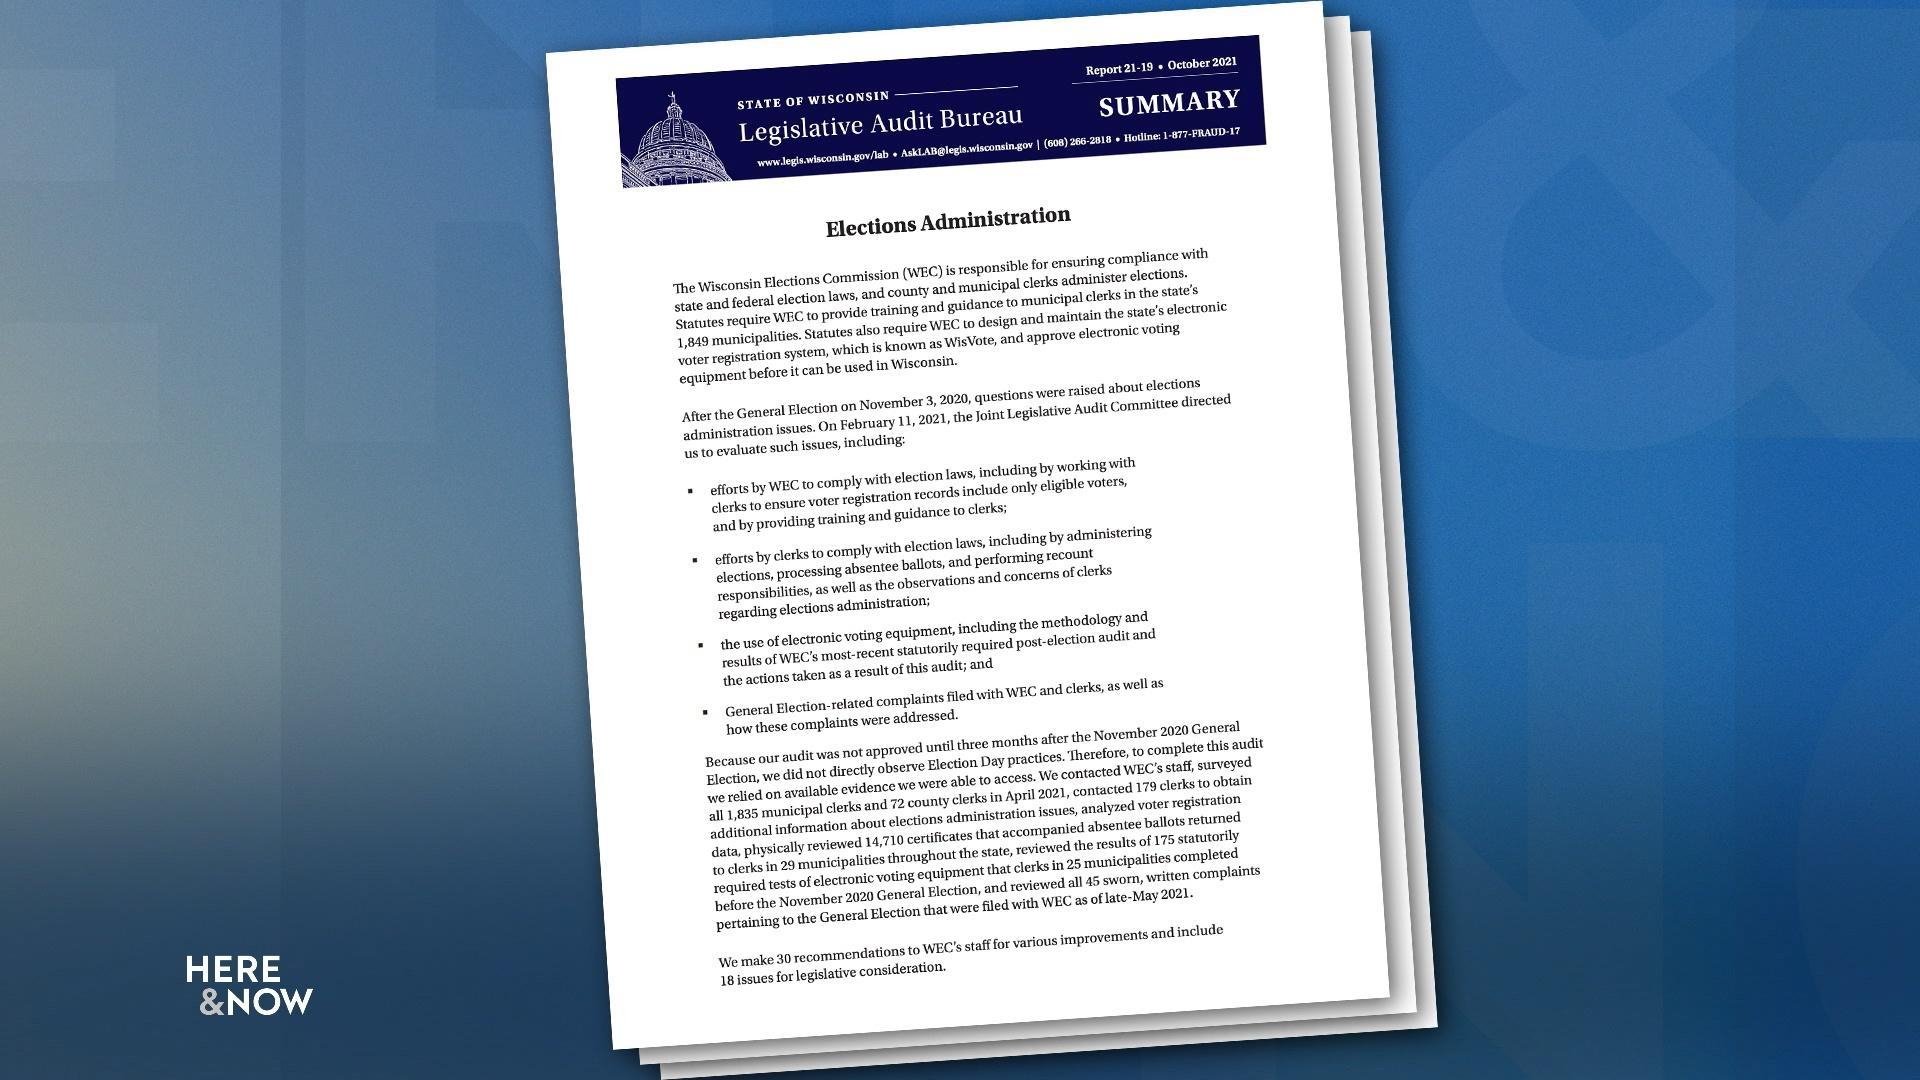 Legislative Audit Bureau Releases 2020 Election Review